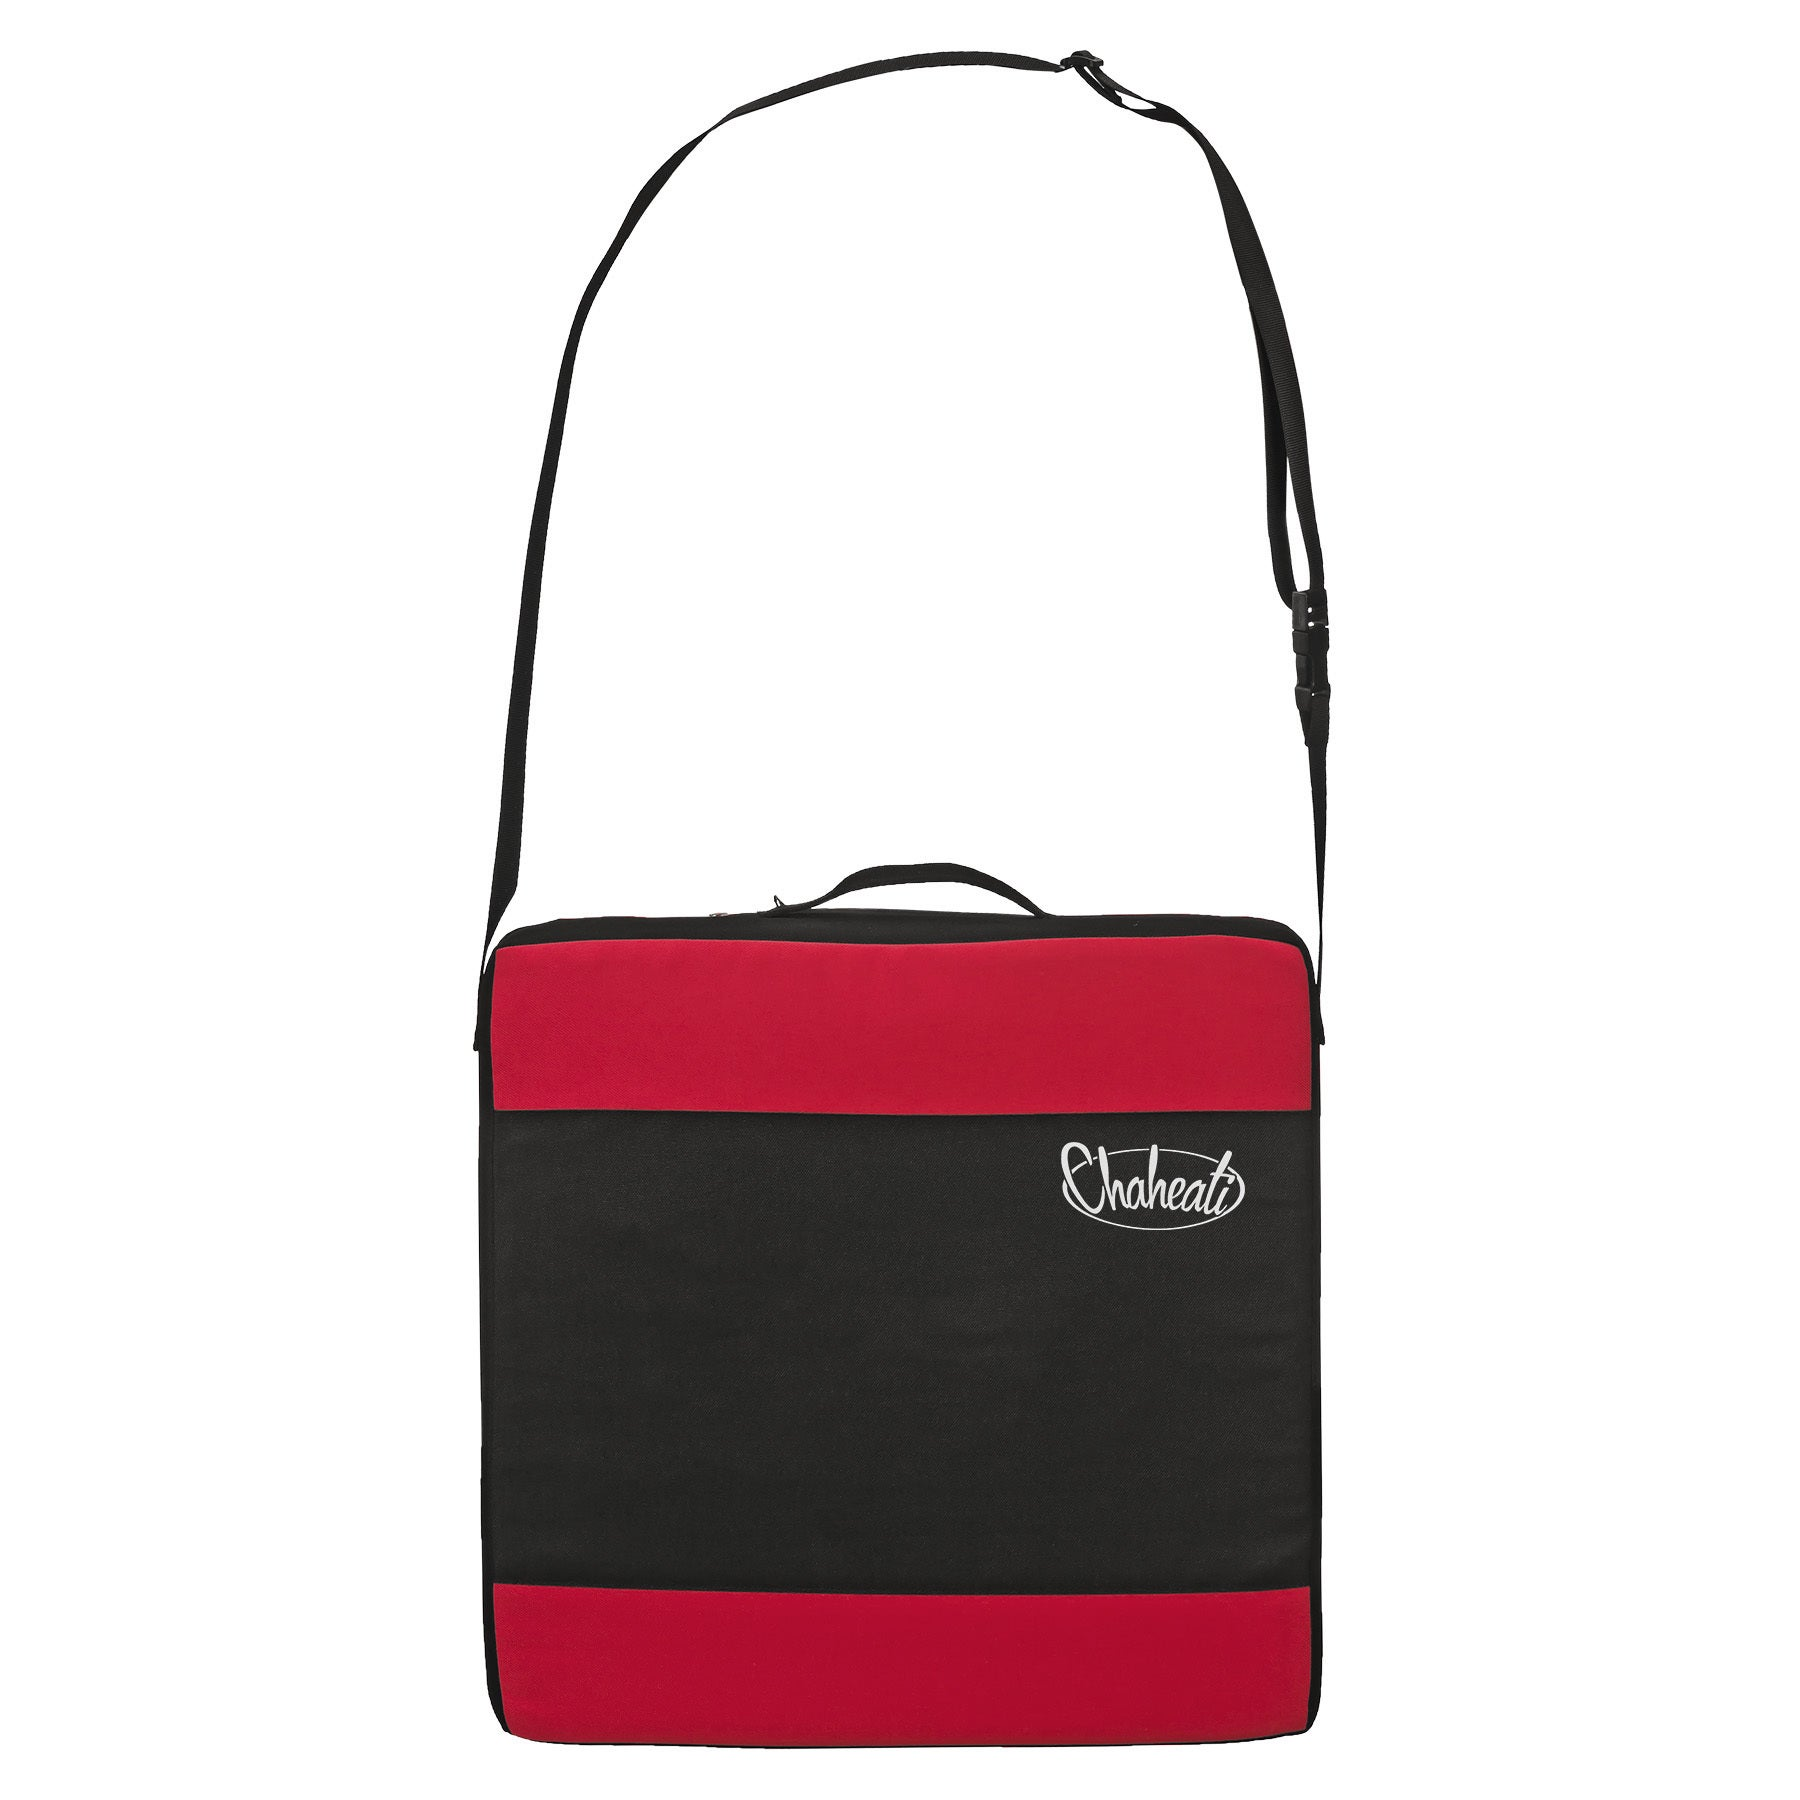 Chaheati Maxx Red and Black Stadium Seat (Red)